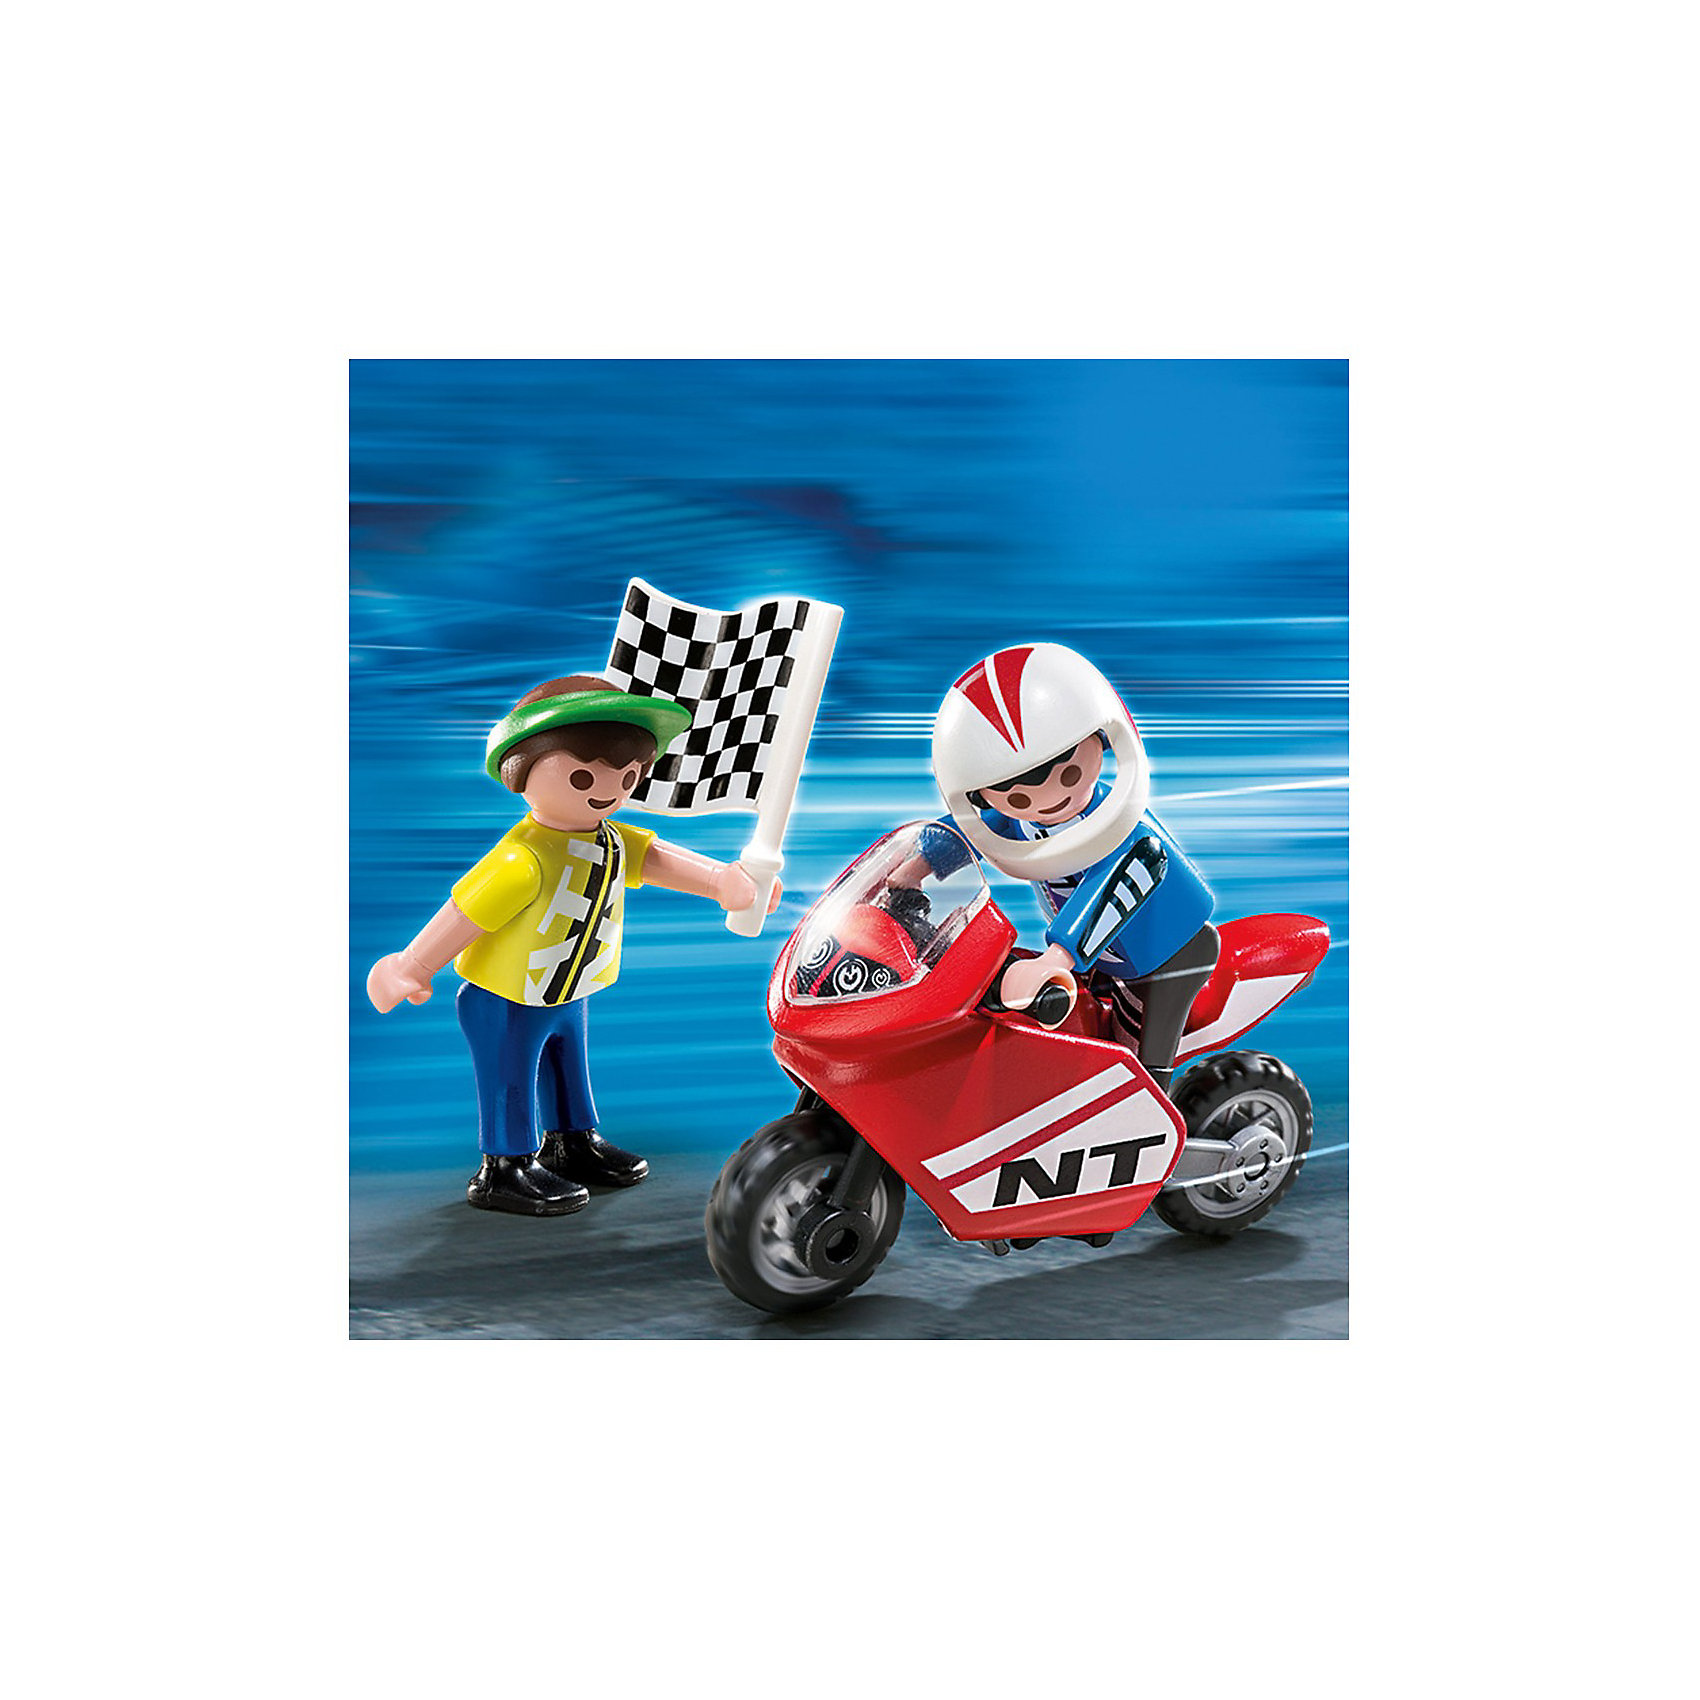 Экстра-набор: Мальчики с гоночным мотоциклом, PLAYMOBILКонструктор PLAYMOBIL (Плеймобил) 4780 Дополнение: Мальчики с гоночным мотоциклом - прекрасная возможность для ребенка проявить свой творческий потенциал! Серия Дополнение создана специально, чтобы сделать игры с Вашими конструкторами PLAYMOBIL (Плеймобил) еще интереснее. Мальчики с гоночным мотоциклом станут прекрасным дополнением к наборам из серии Гонки от PLAYMOBIL (Плеймобил). Стартовый флажок взмахнет вверх и гонка началась! Гонять на спортивном мотоцикле - мечта всех мальчишек. Надень шлем и выполняй самые захватывающие трюки с конструктором PLAYMOBIL (Плеймобил) 4780 Дополнение: Мальчики с гоночным мотоциклом.<br><br>Дополнительная информация:<br><br>- Конструкторы PLAYMOBIL (Плеймобил) отлично развивают мелкую моторику, фантазию и воображение;<br>- В наборе: 2 минифигурки (гонщик и стартер), мотоцикл, шлем, флажок;<br>- Количество деталей: 13 шт;<br>- Материал: безопасный пластик;<br>- Размер минифигурок: 5,2 см;<br>- Размер упаковки: 14 х 10 х 4 см<br><br>Конструктор PLAYMOBIL (Плеймобил) 4780 Дополнение: Мальчики с гоночным мотоциклом можно купить в нашем интернет-магазине.<br><br>Ширина мм: 145<br>Глубина мм: 101<br>Высота мм: 38<br>Вес г: 51<br>Возраст от месяцев: 48<br>Возраст до месяцев: 120<br>Пол: Мужской<br>Возраст: Детский<br>SKU: 3350683